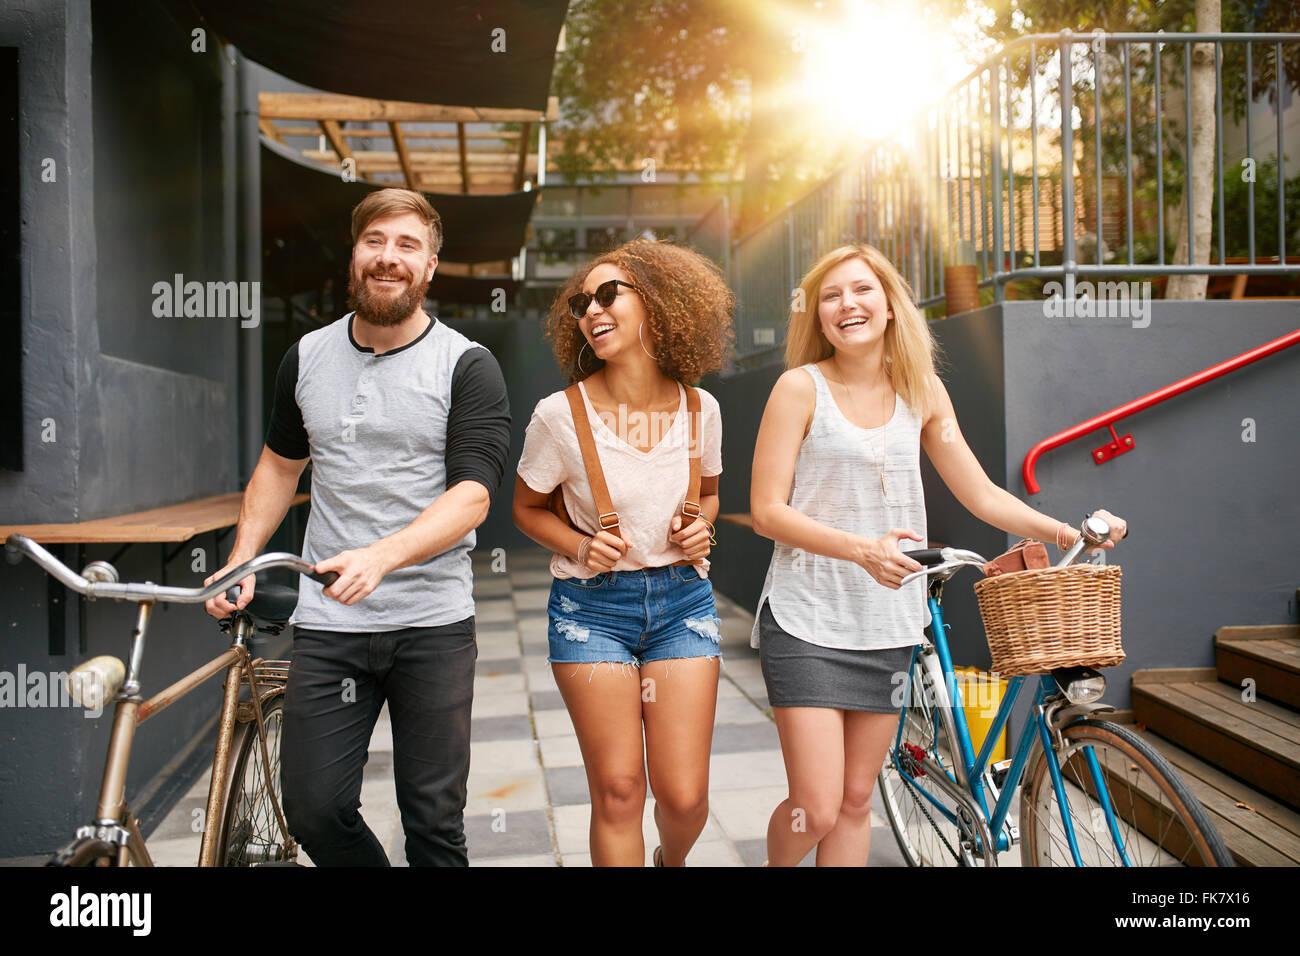 Drei junge Erwachsene gehen gemeinsam Spass haben. Jugendliche mit Fahrrädern zu Fuß im Freien, in der Stockbild